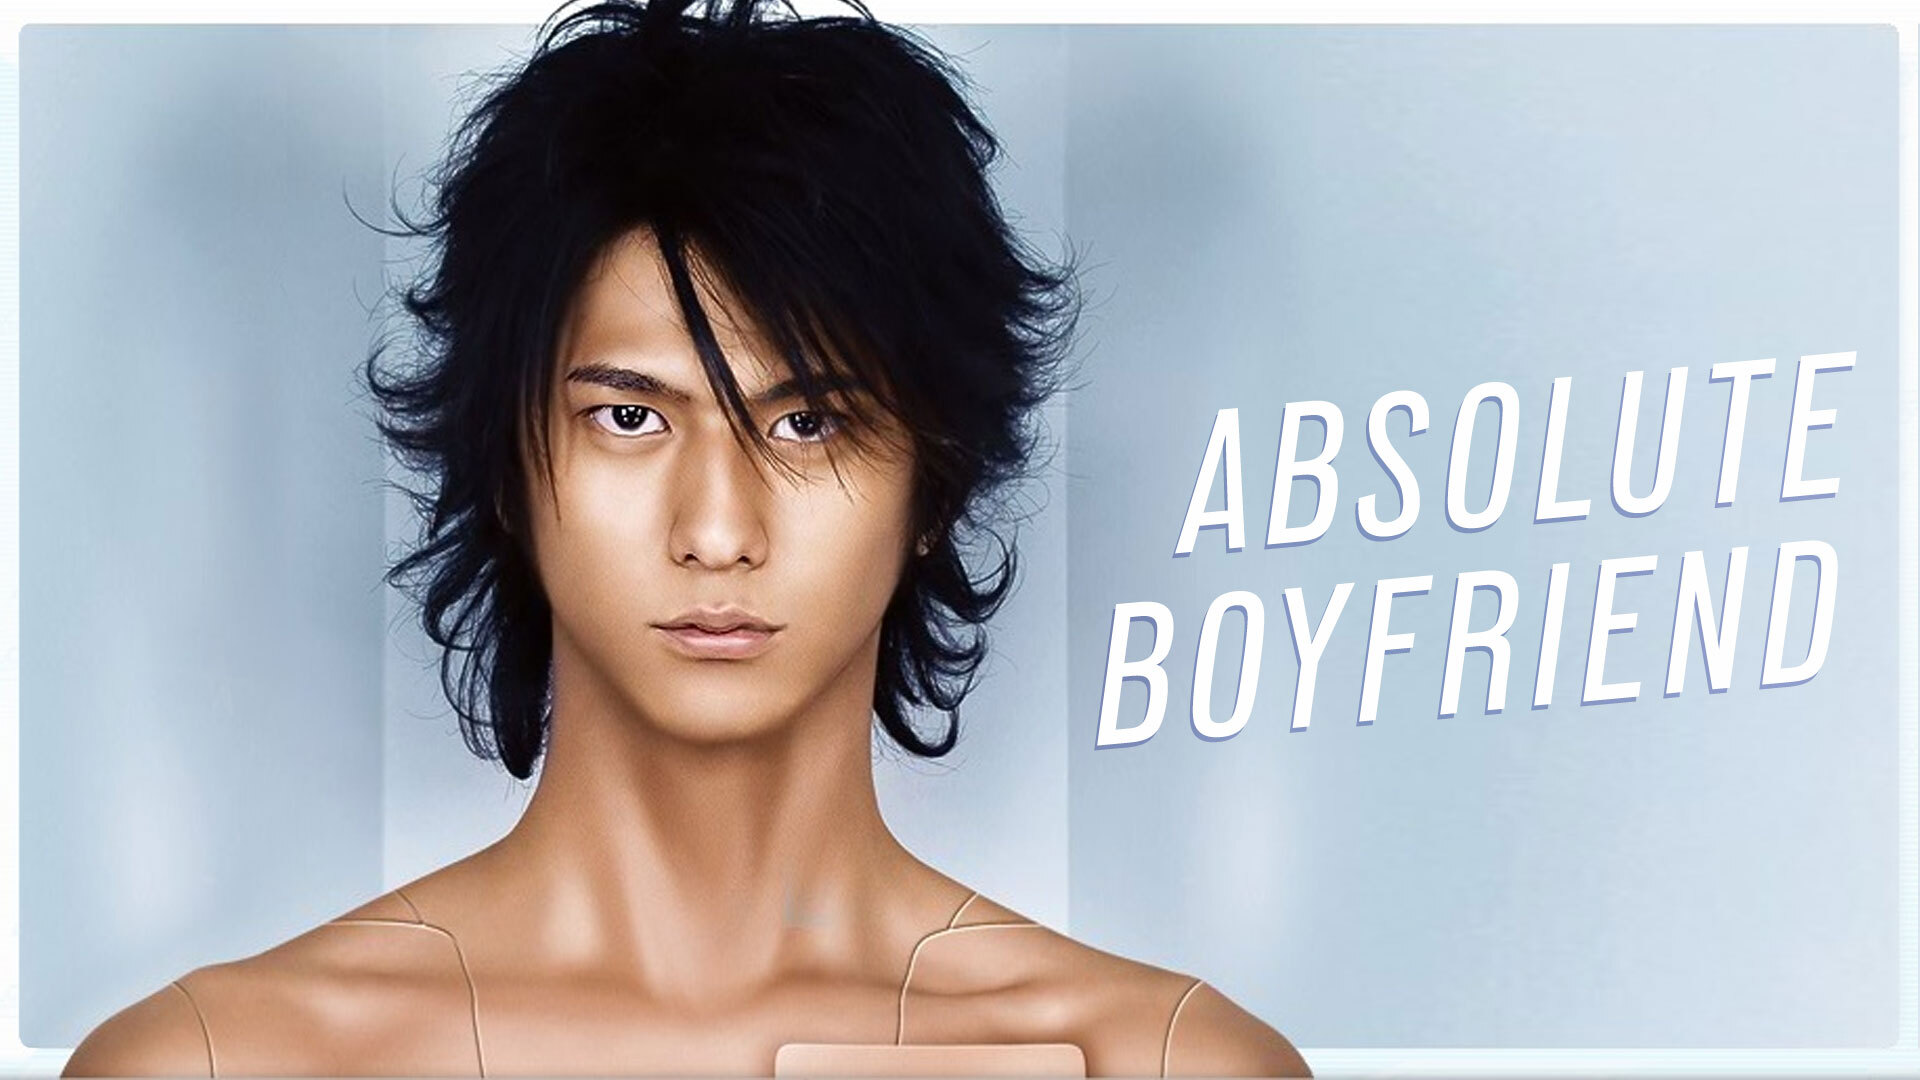 Absolute Boyfriend banner